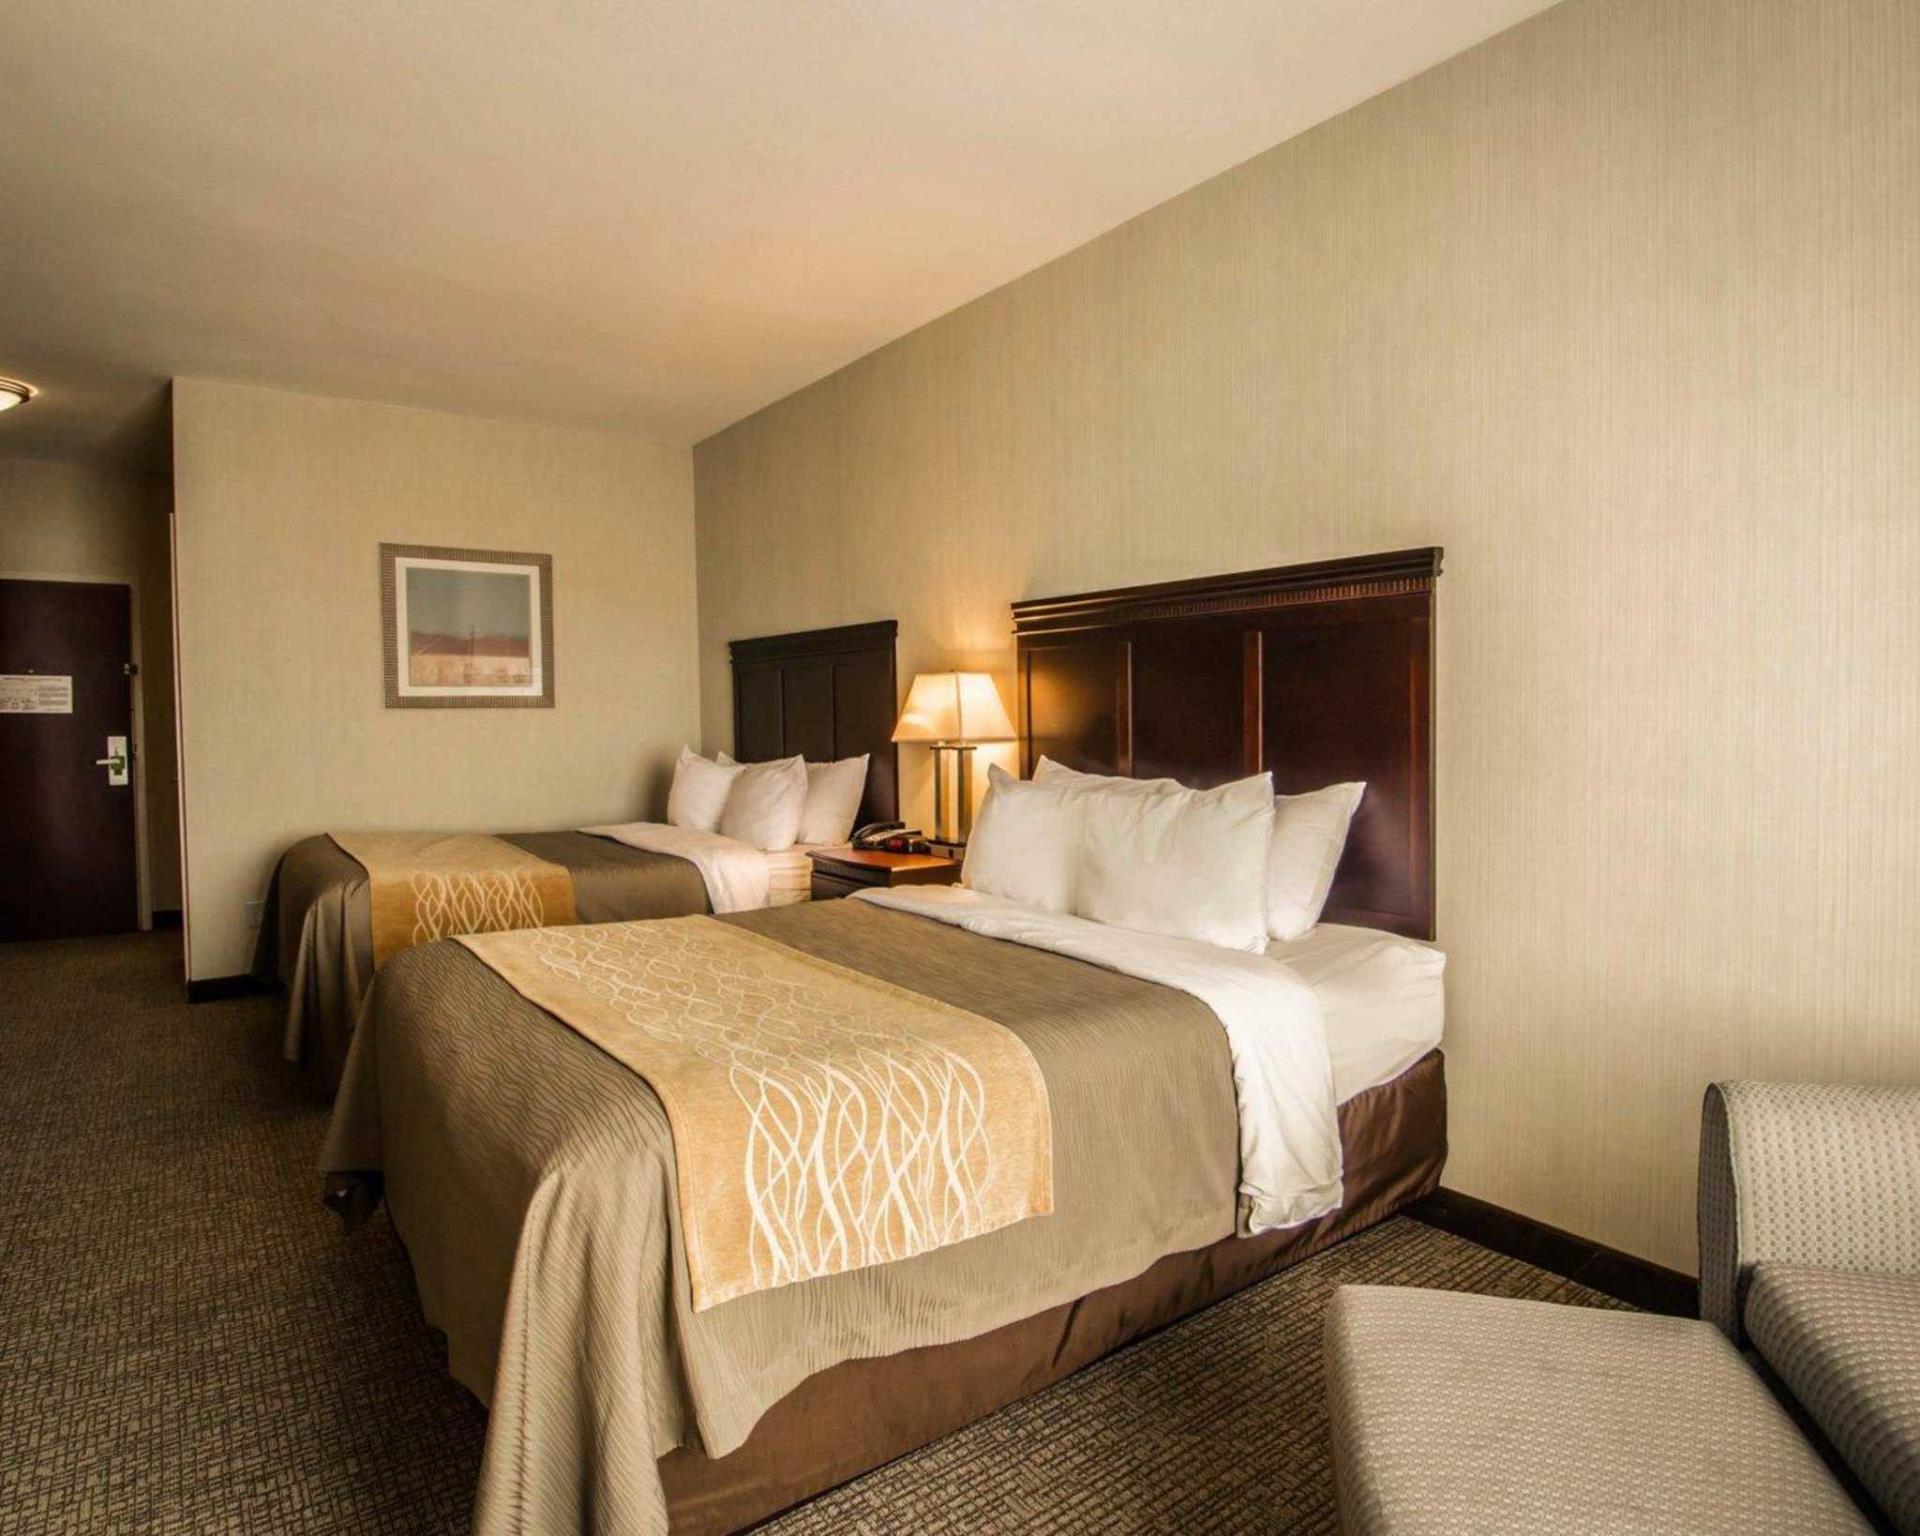 Comfort Inn & Suites, Pulaski